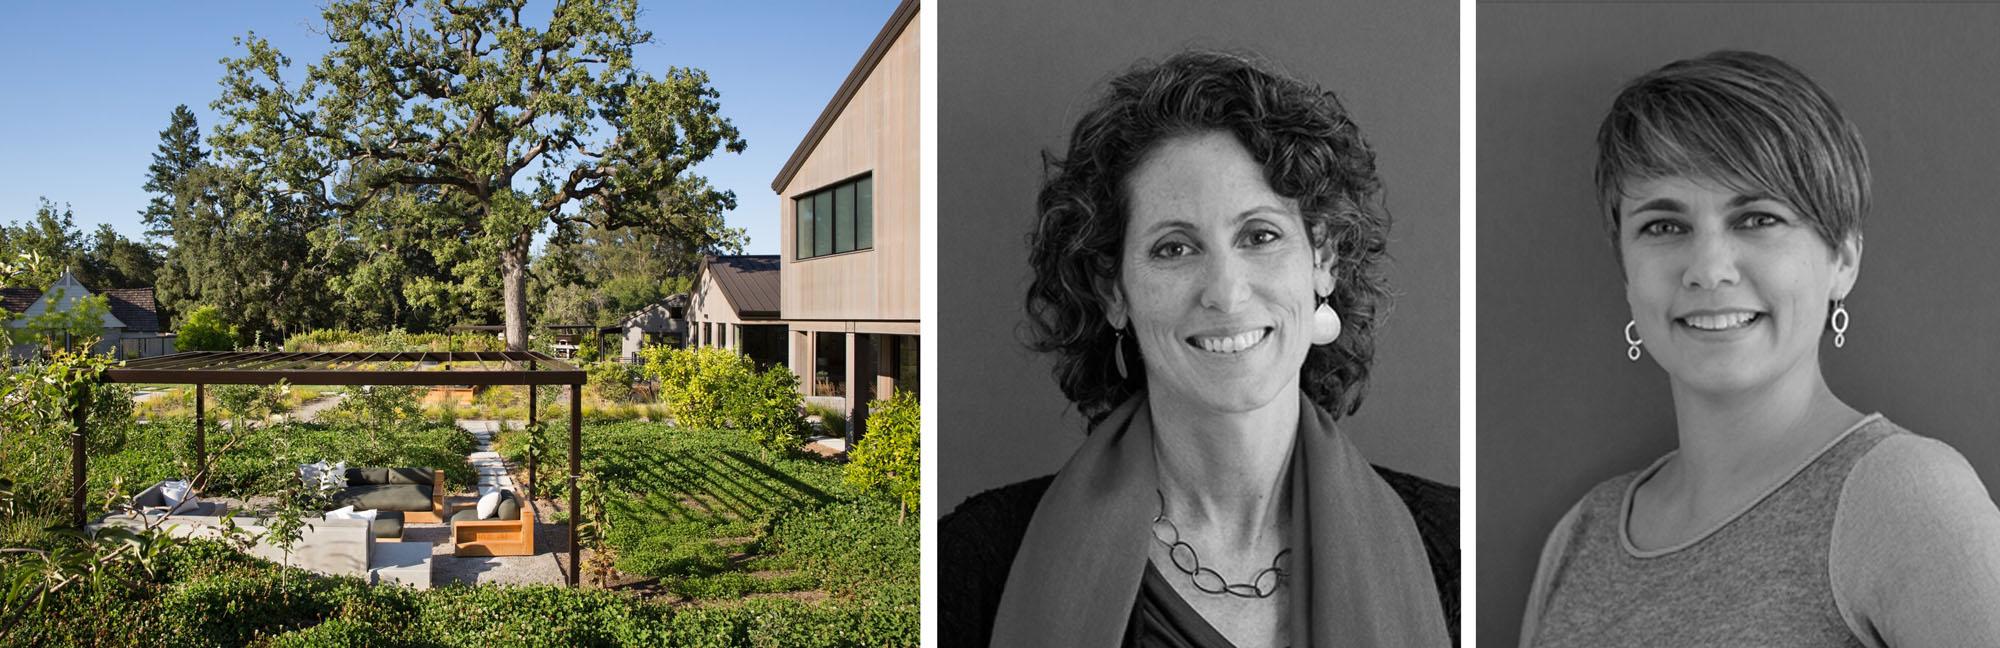 Trái: Trang trại đến Bàn ăn; Kate Stickley và Gretchen Whittier, hình ảnh: Arterra Landscape Architecture